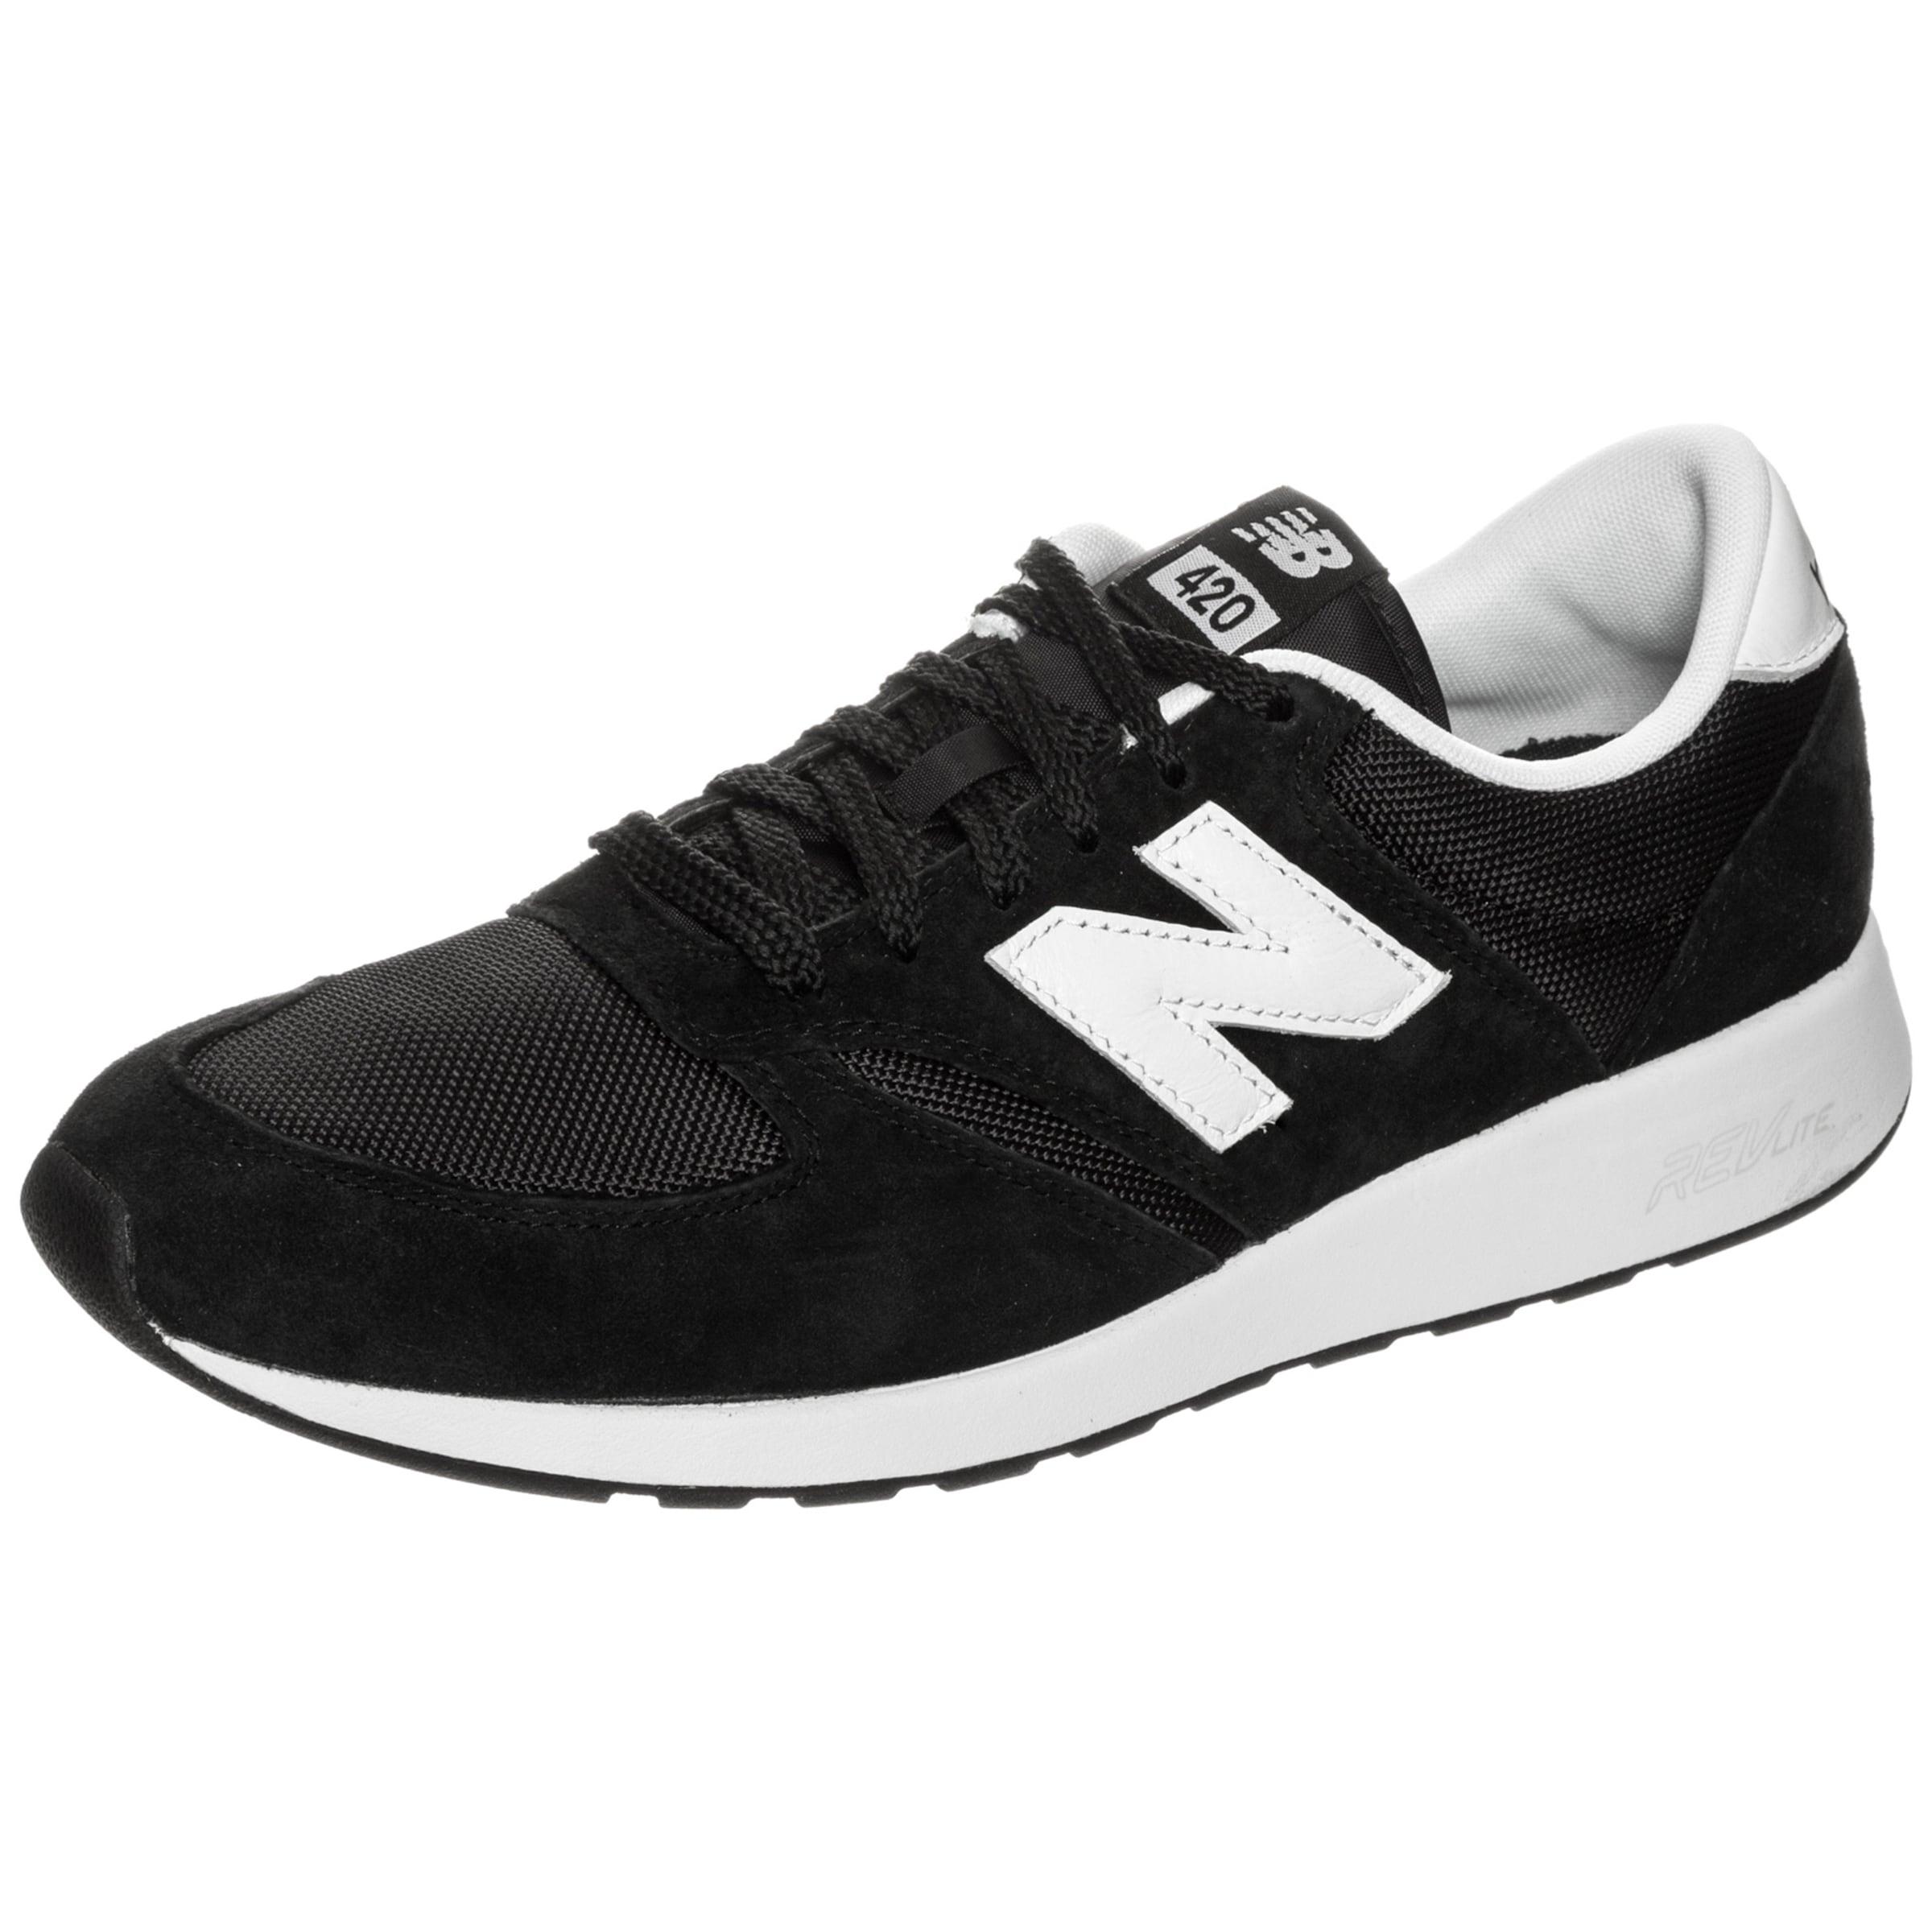 new balance MRL420-SZ-D Sneaker Verschleißfeste billige Schuhe